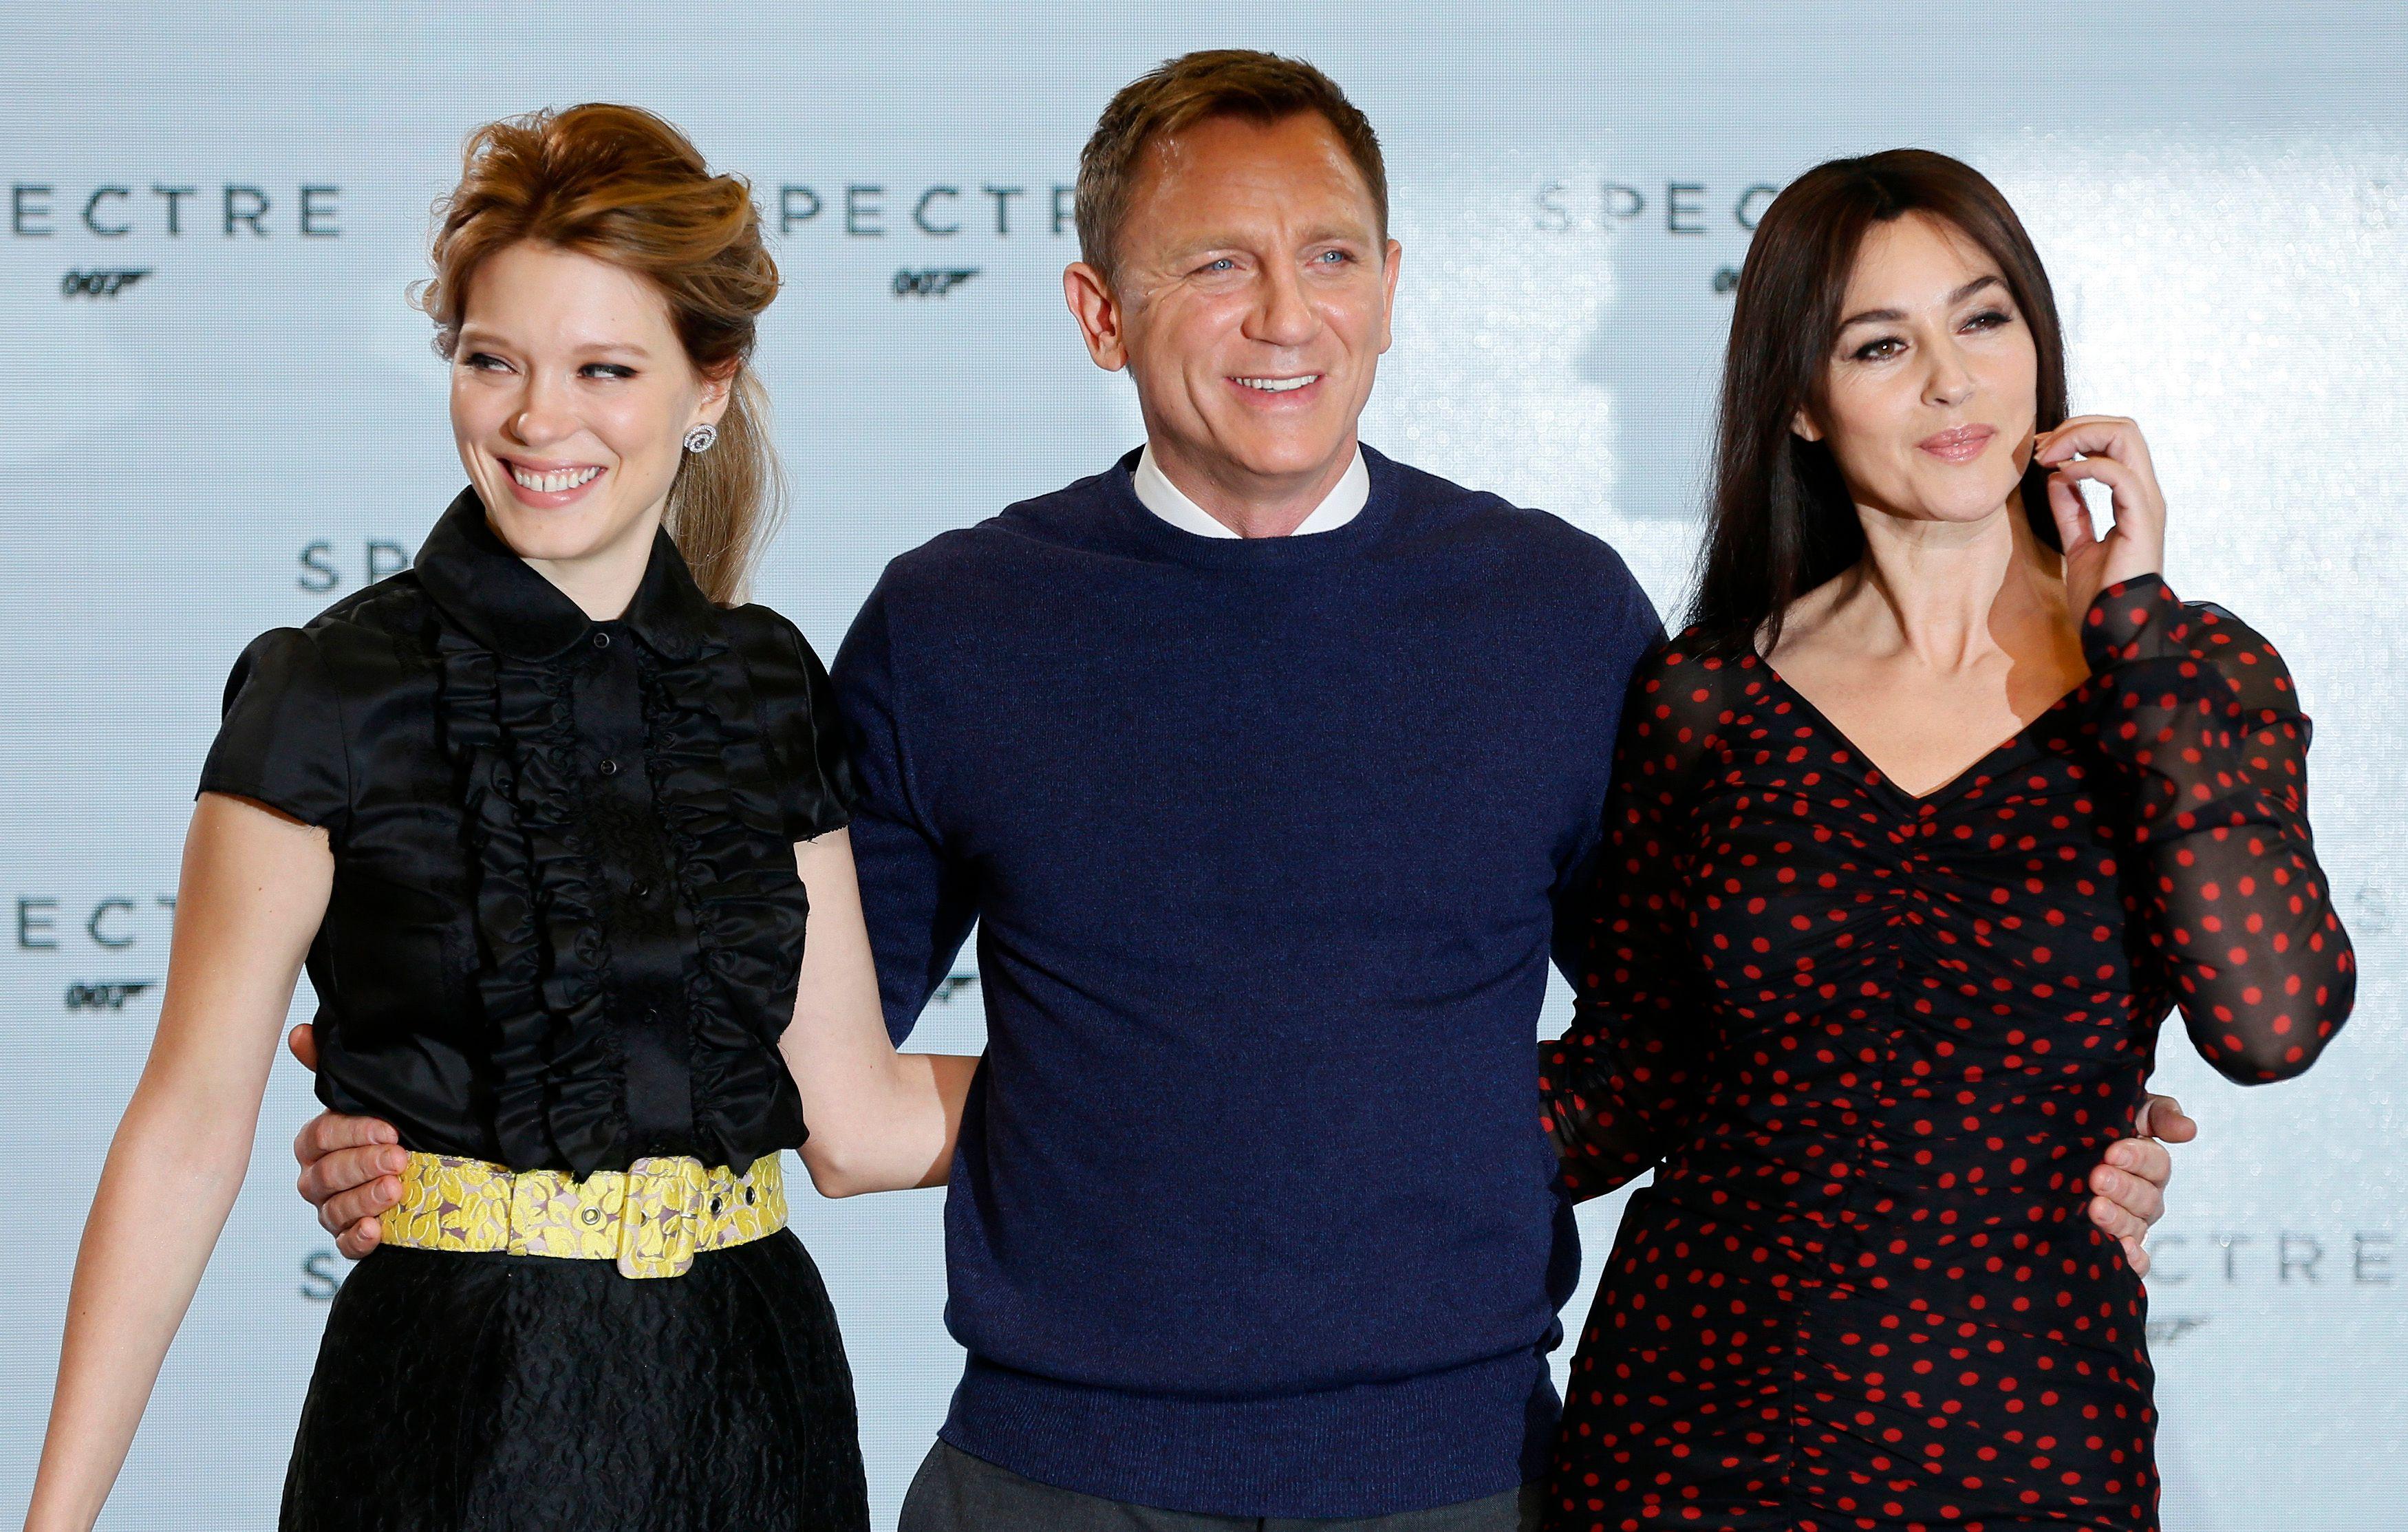 Monica Bellucci et Léa Seydoux joueront aux côtés de Daniel Craig dans Spectre.